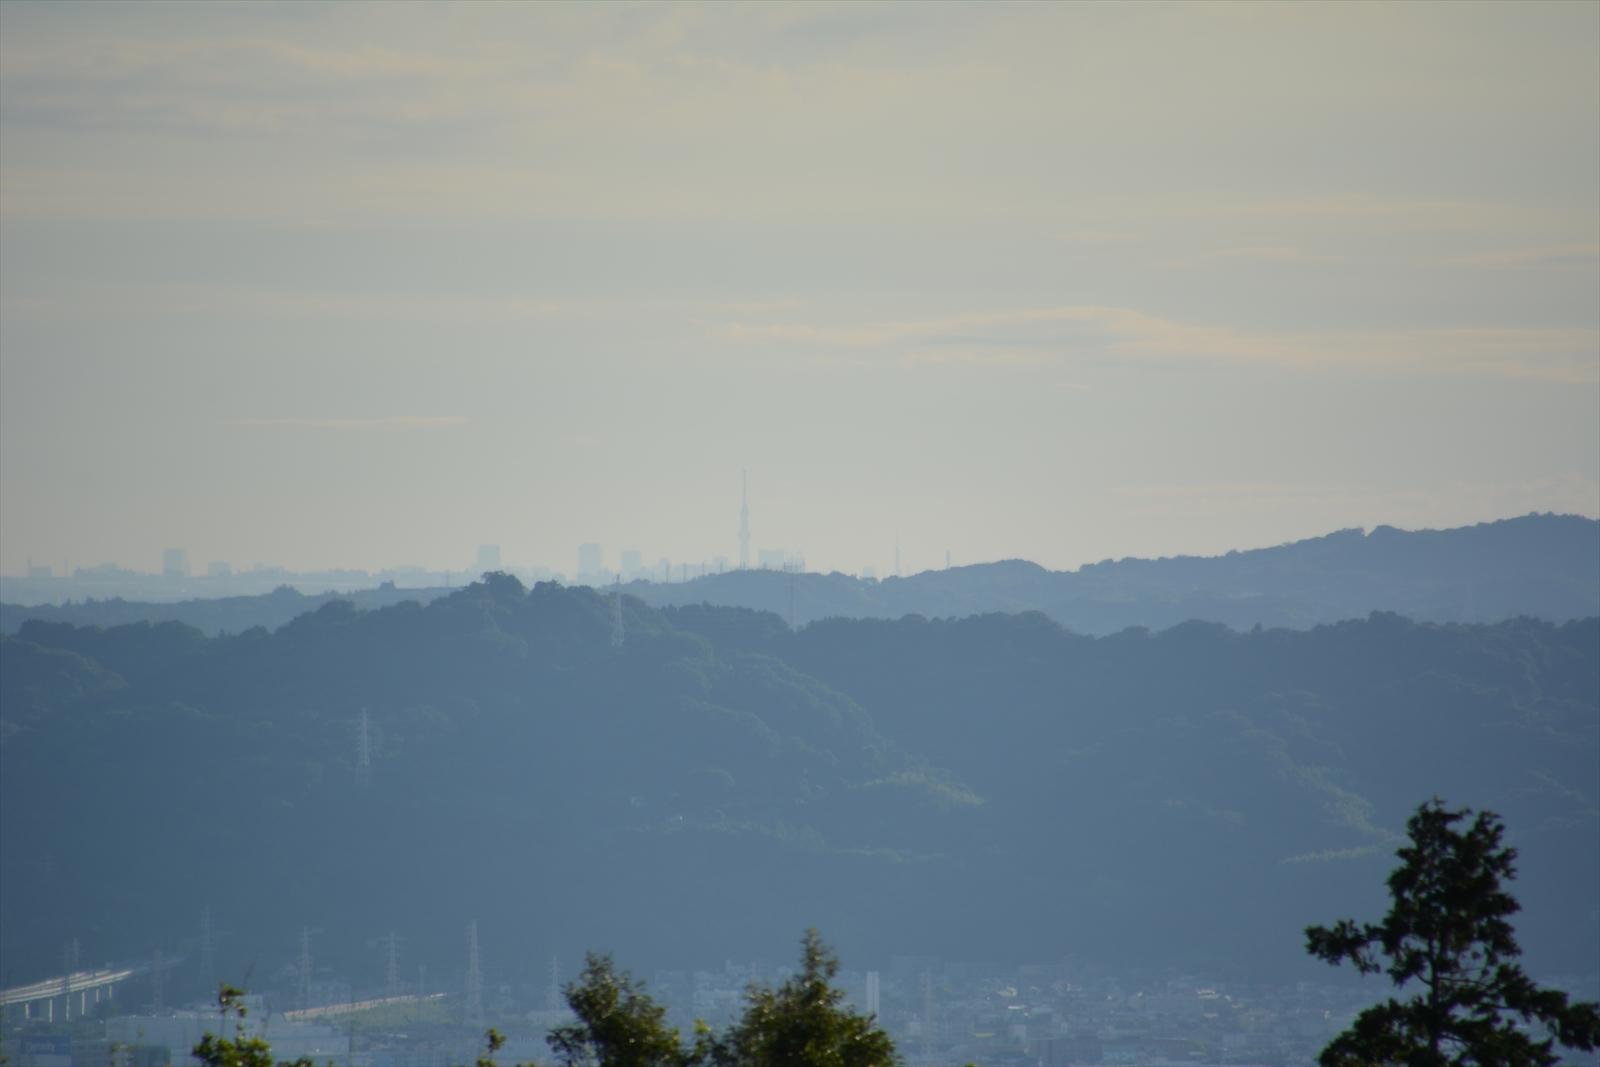 石垣山一夜城から見たスカイツリー6(かなりくっきり)